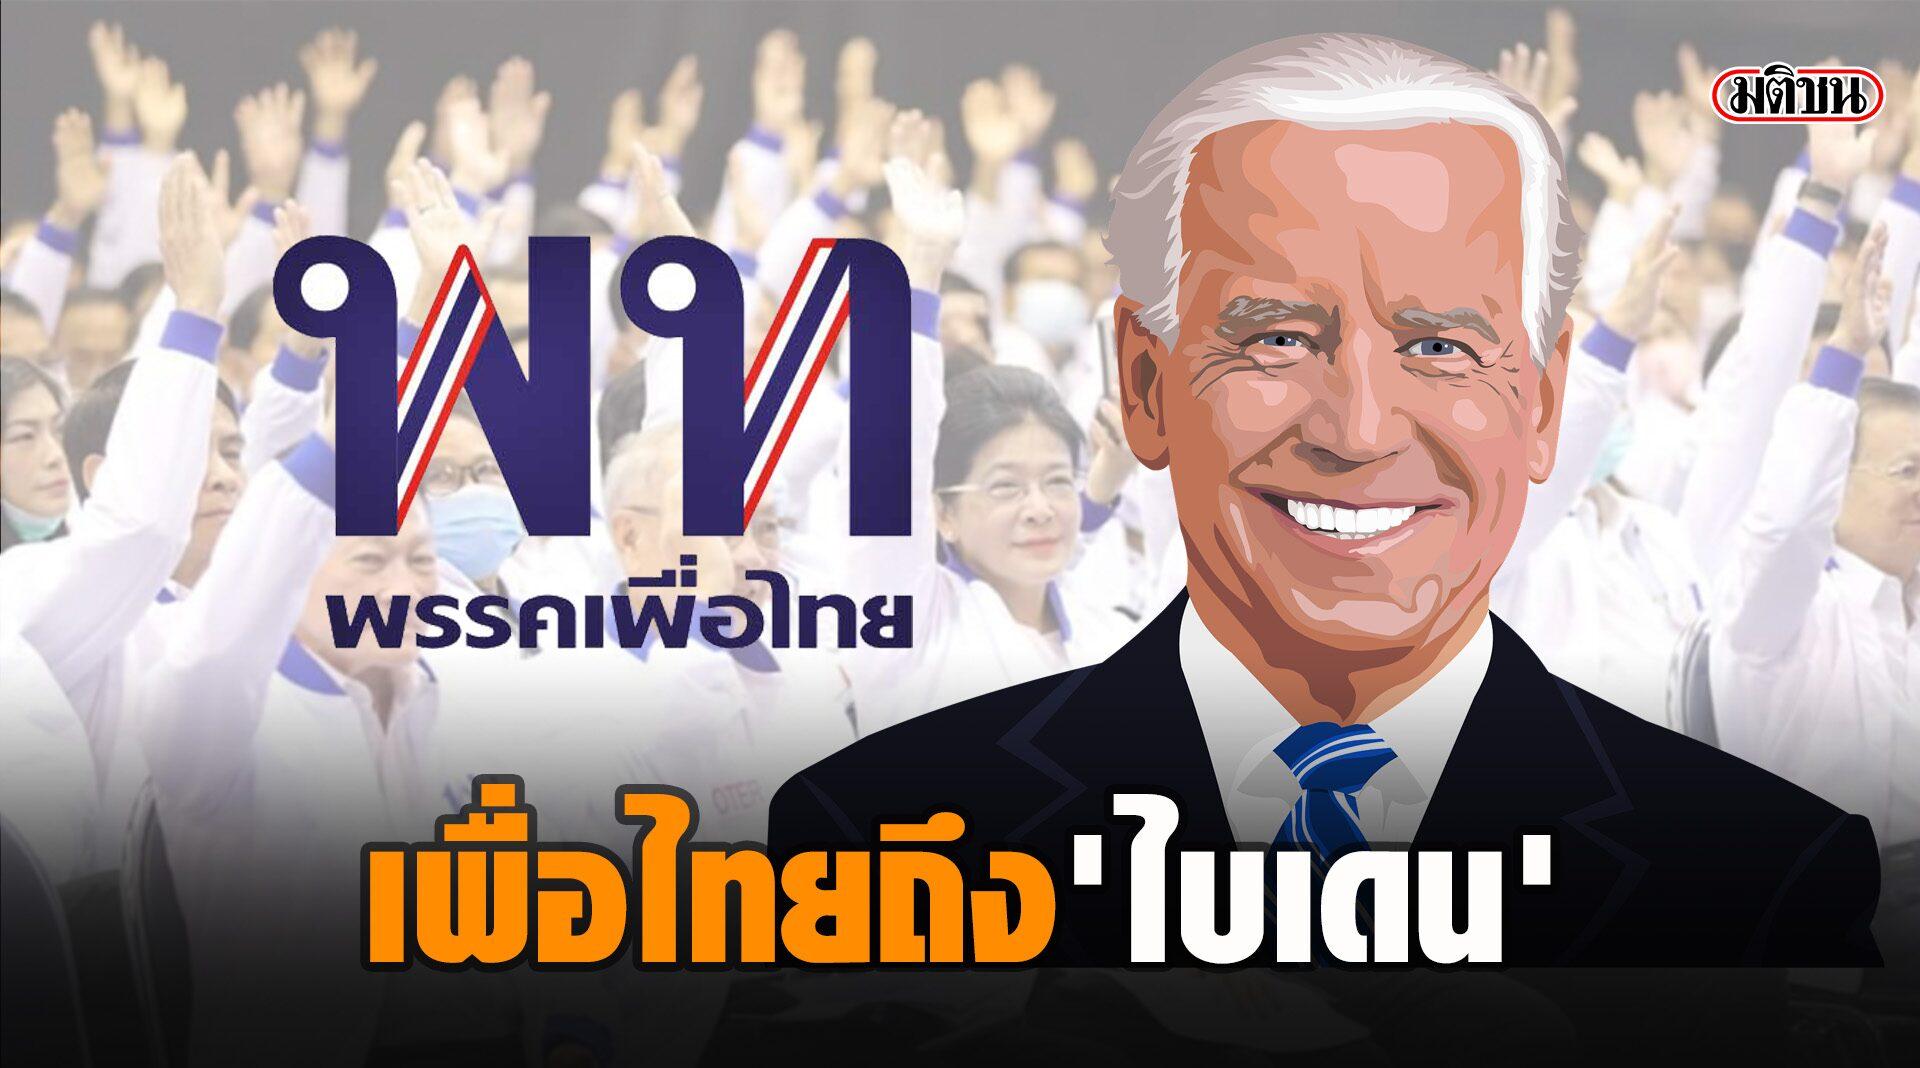 'เพื่อไทย' ส่งหนังสือแสดงความยินดี 'ไบเดน'